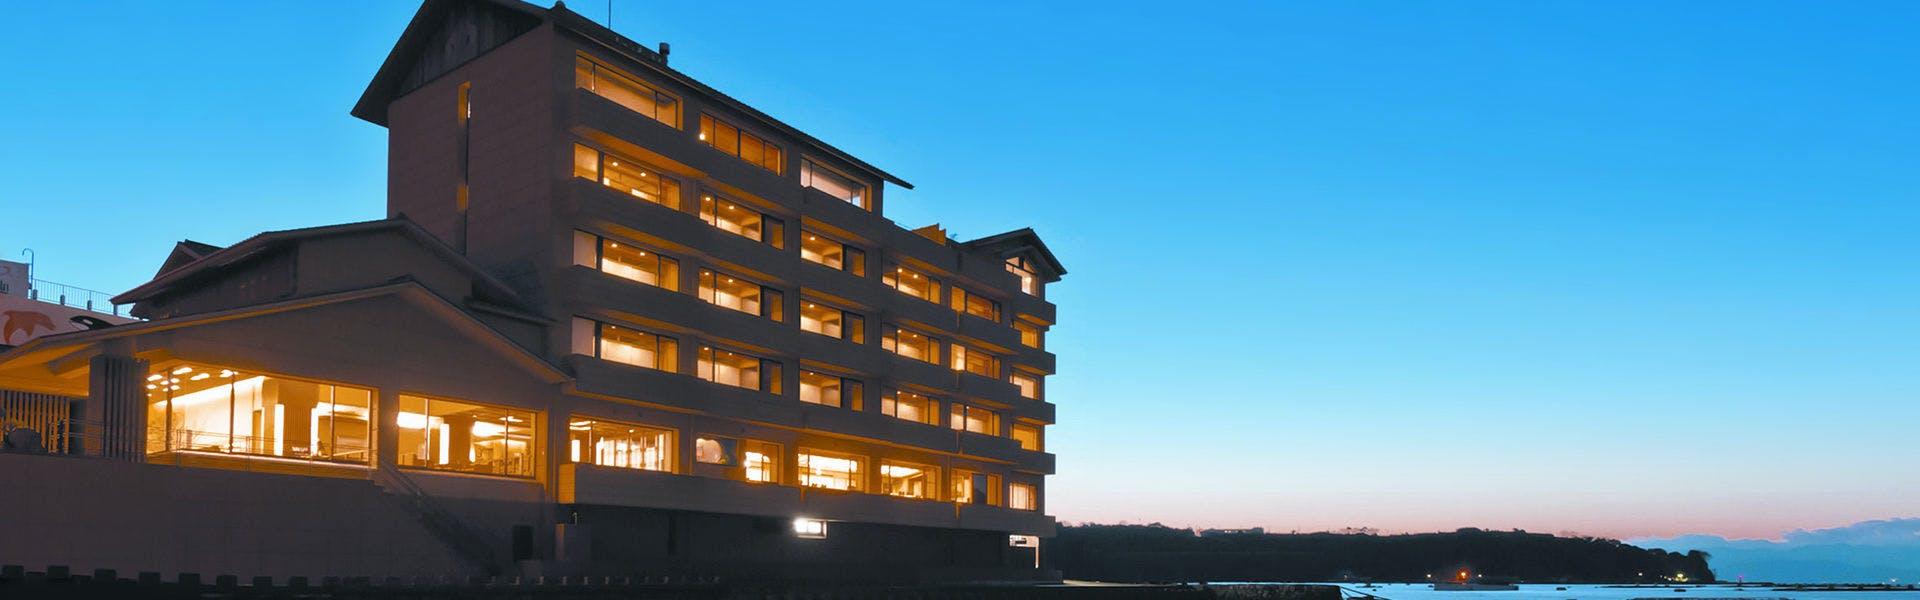 記念日におすすめのホテル・【松濤館】の写真1